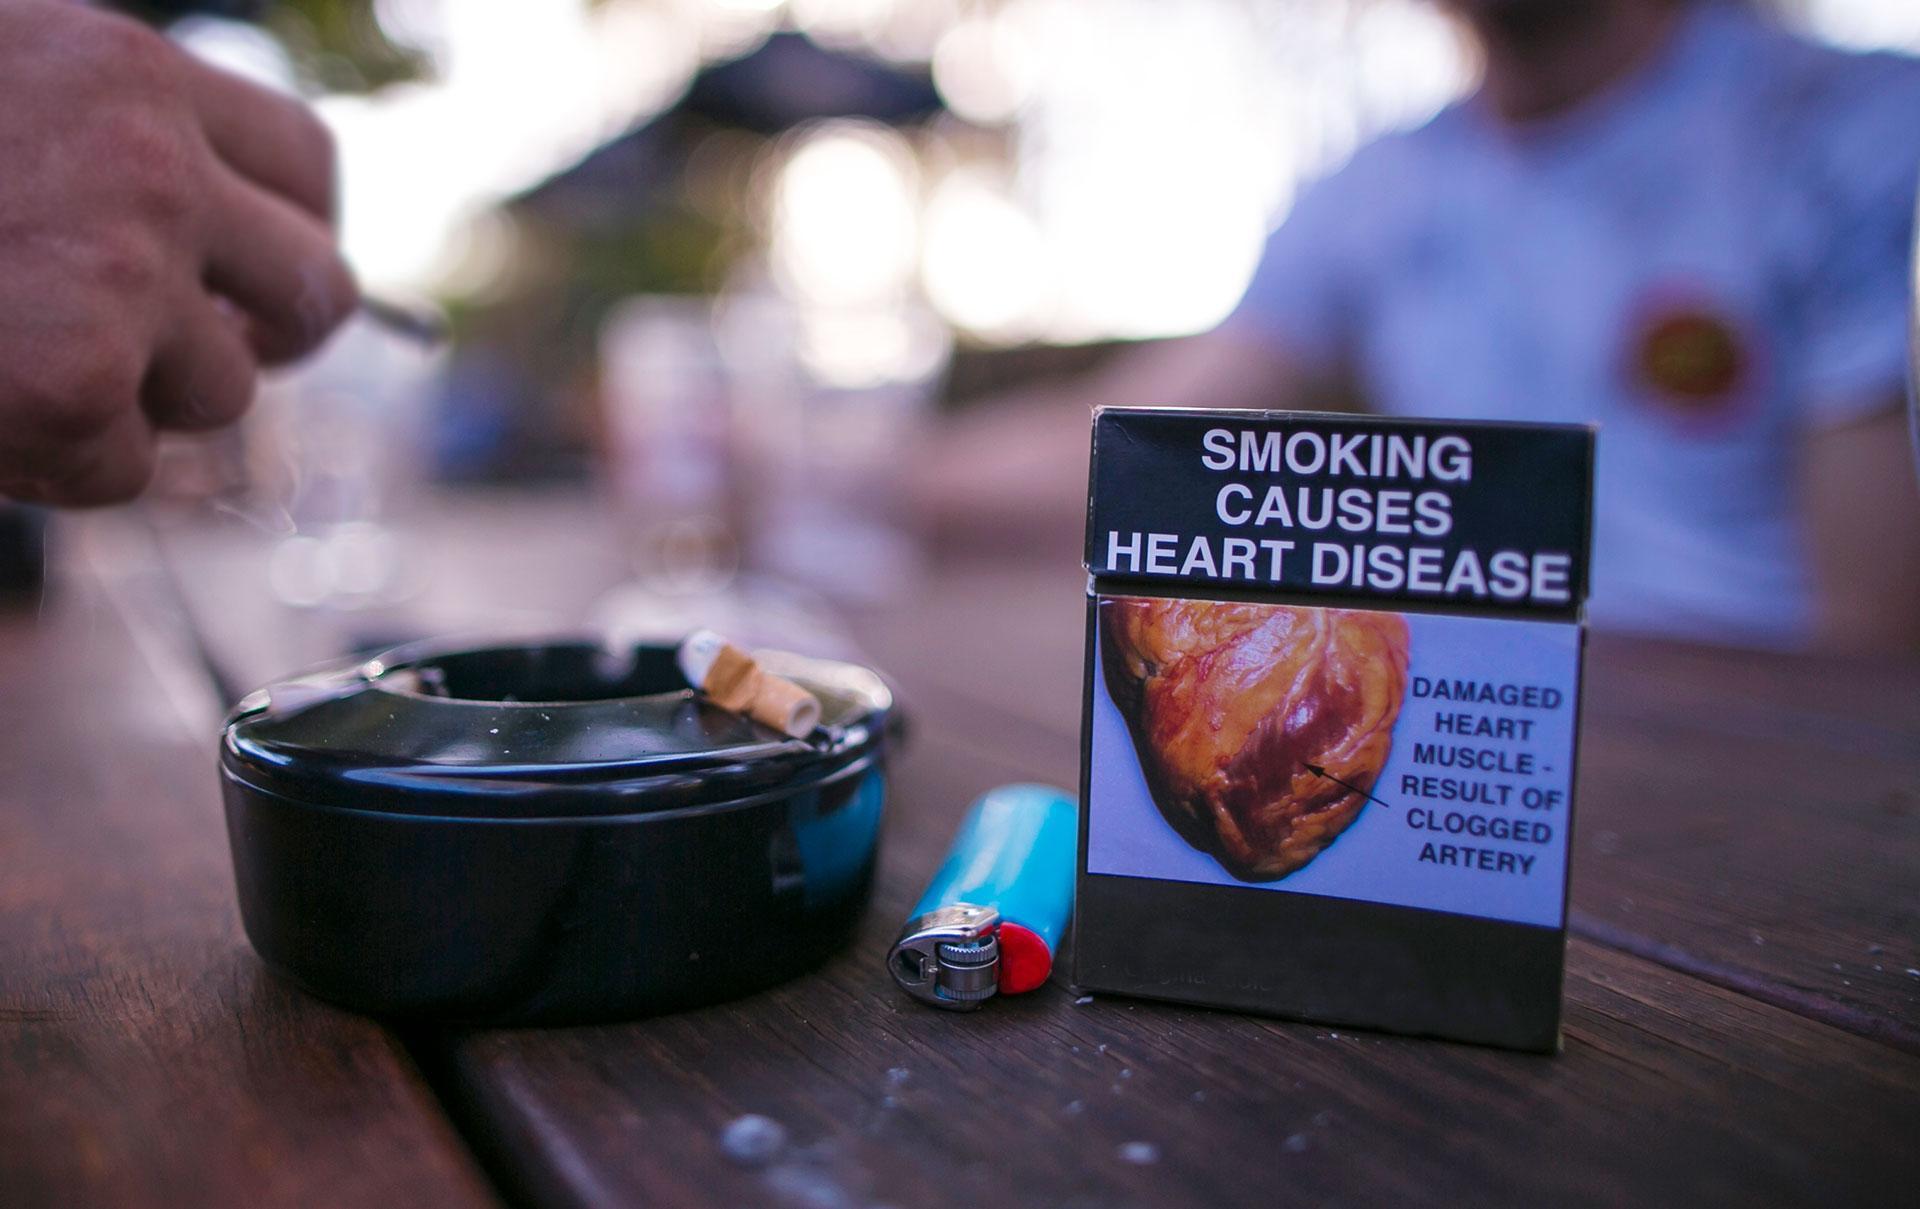 Предупредительные надписи на пачках сигарет признали практически бесполезными